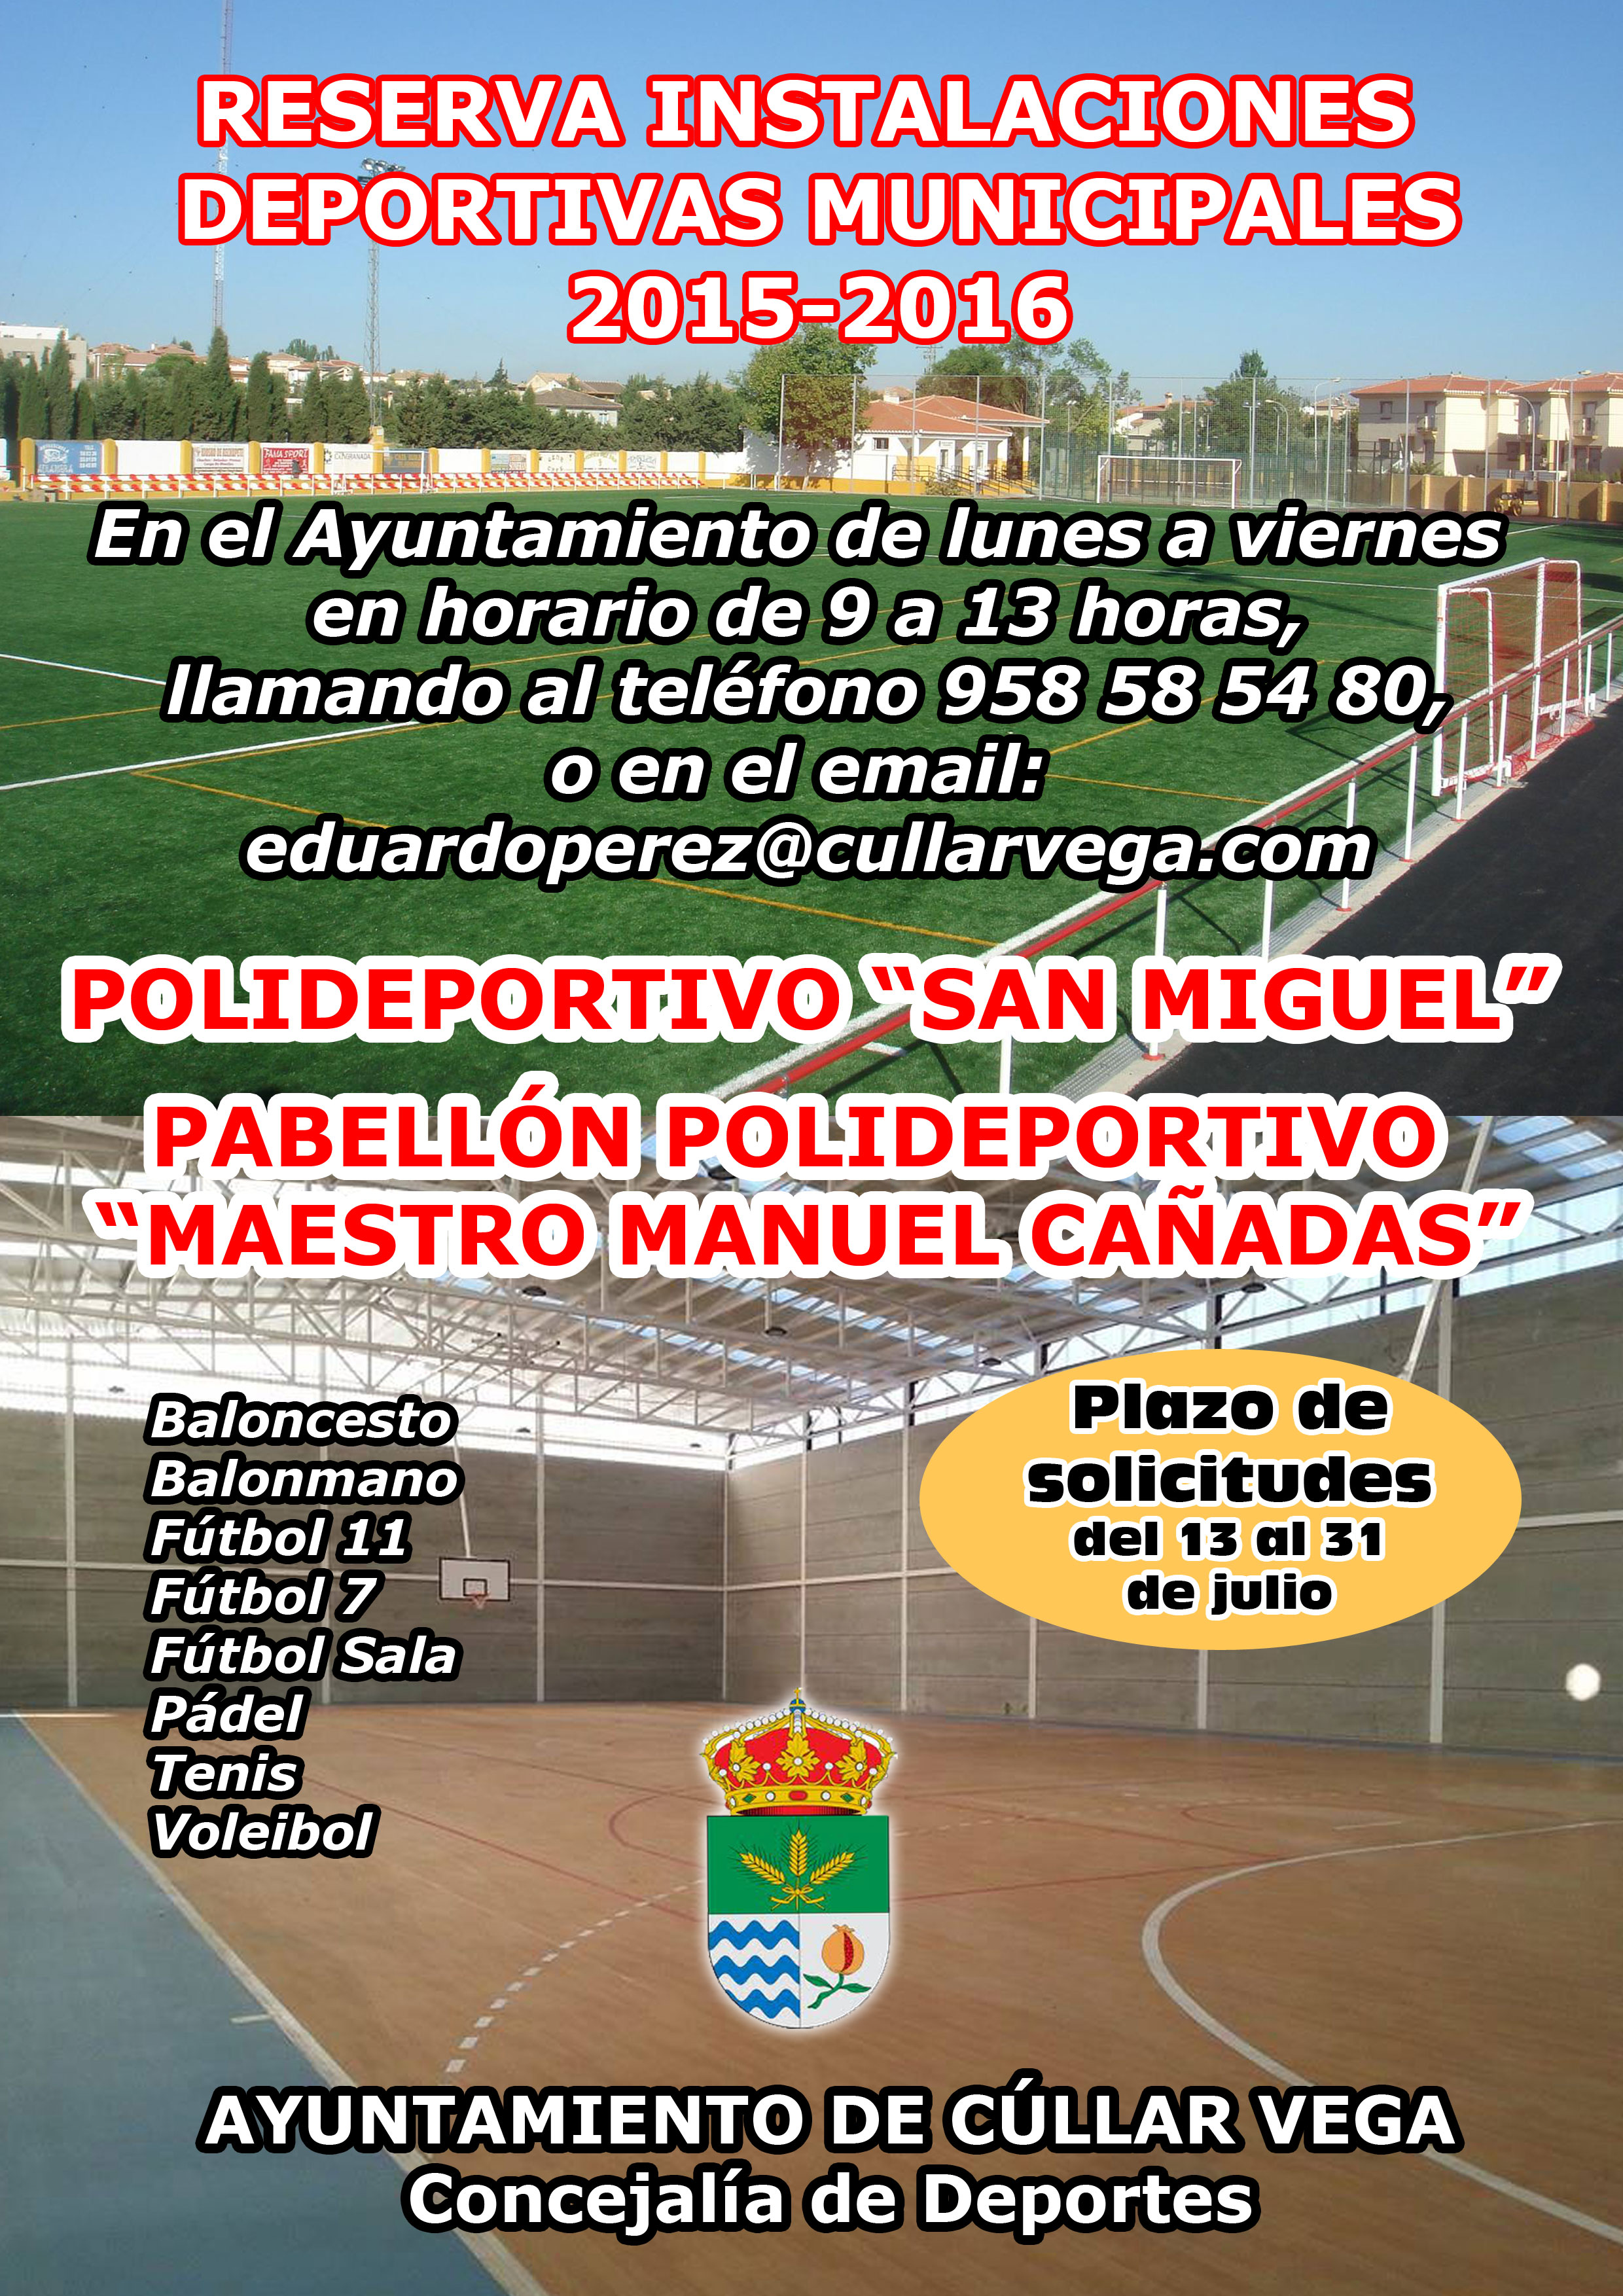 Reserva instalaciones deportivas 2015-2016